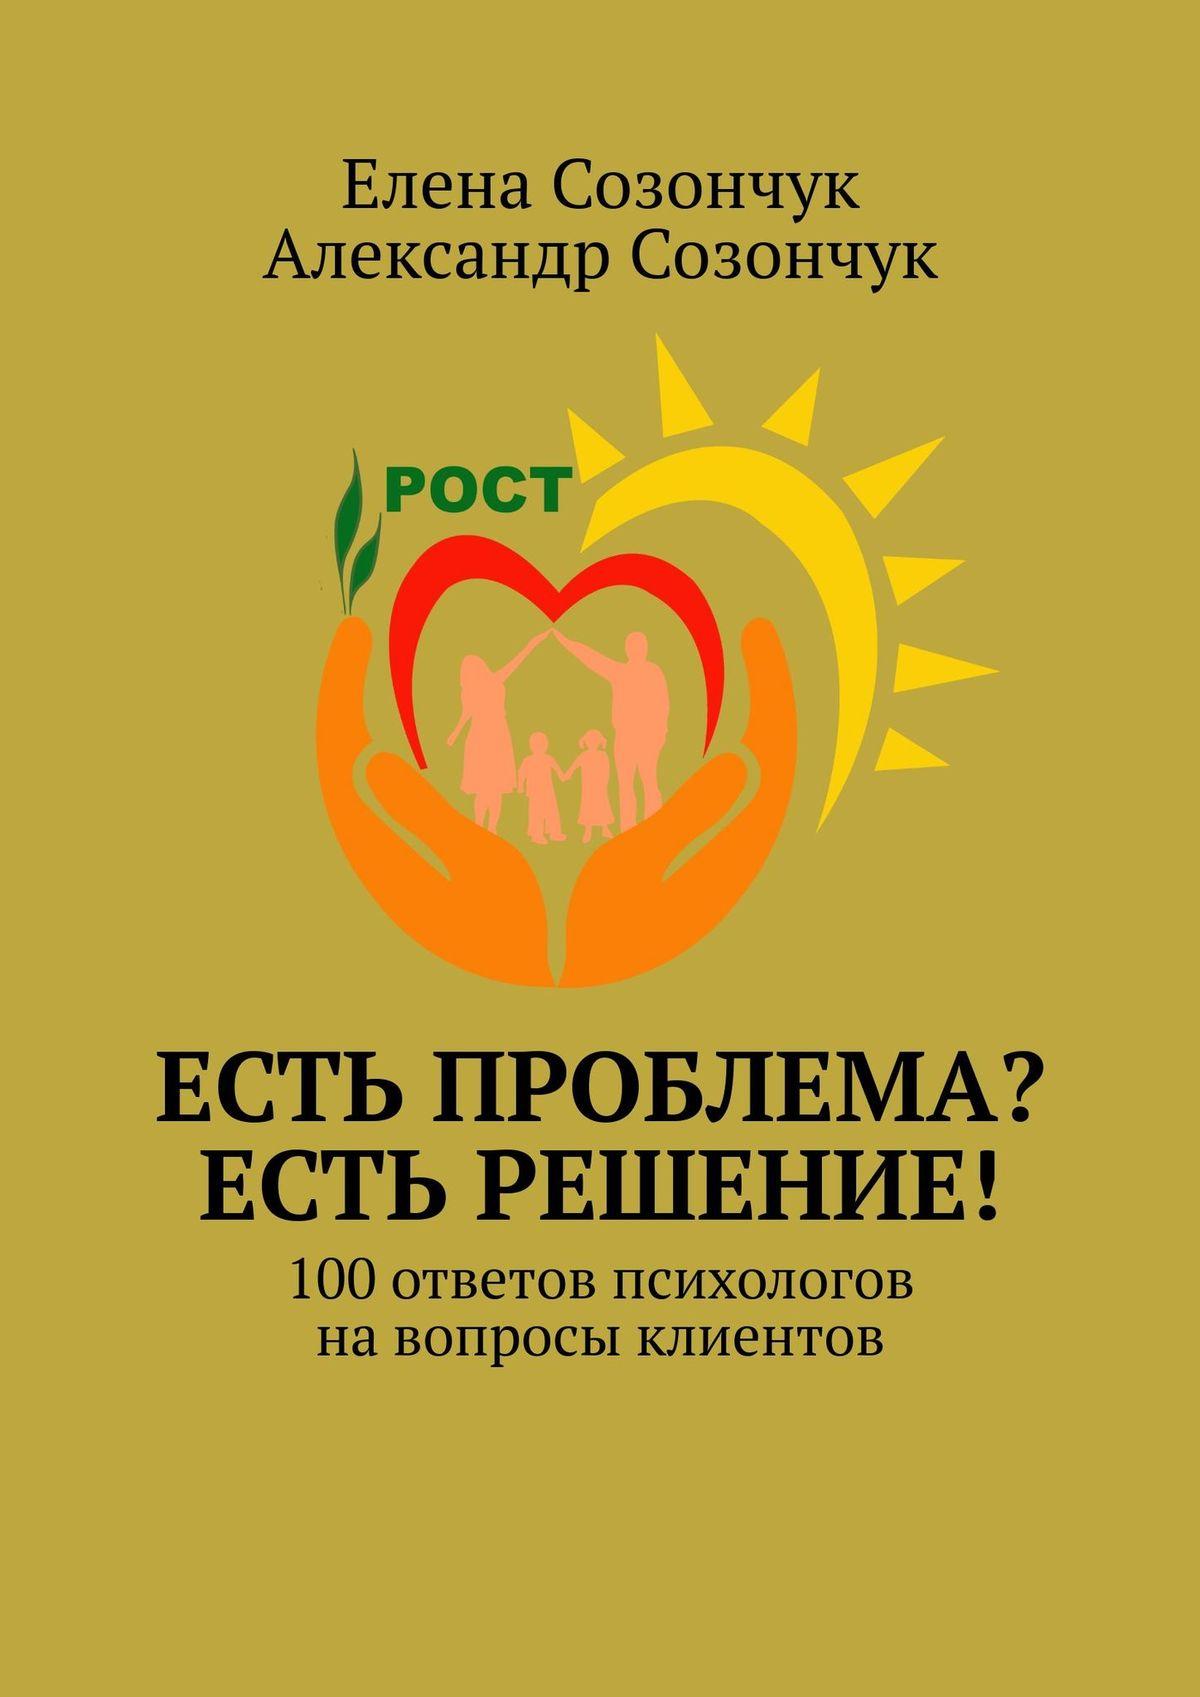 Александр Созончук, Елена Созончук «Есть проблема? Естьрешение! 100ответов психологов навопросы клиентов»